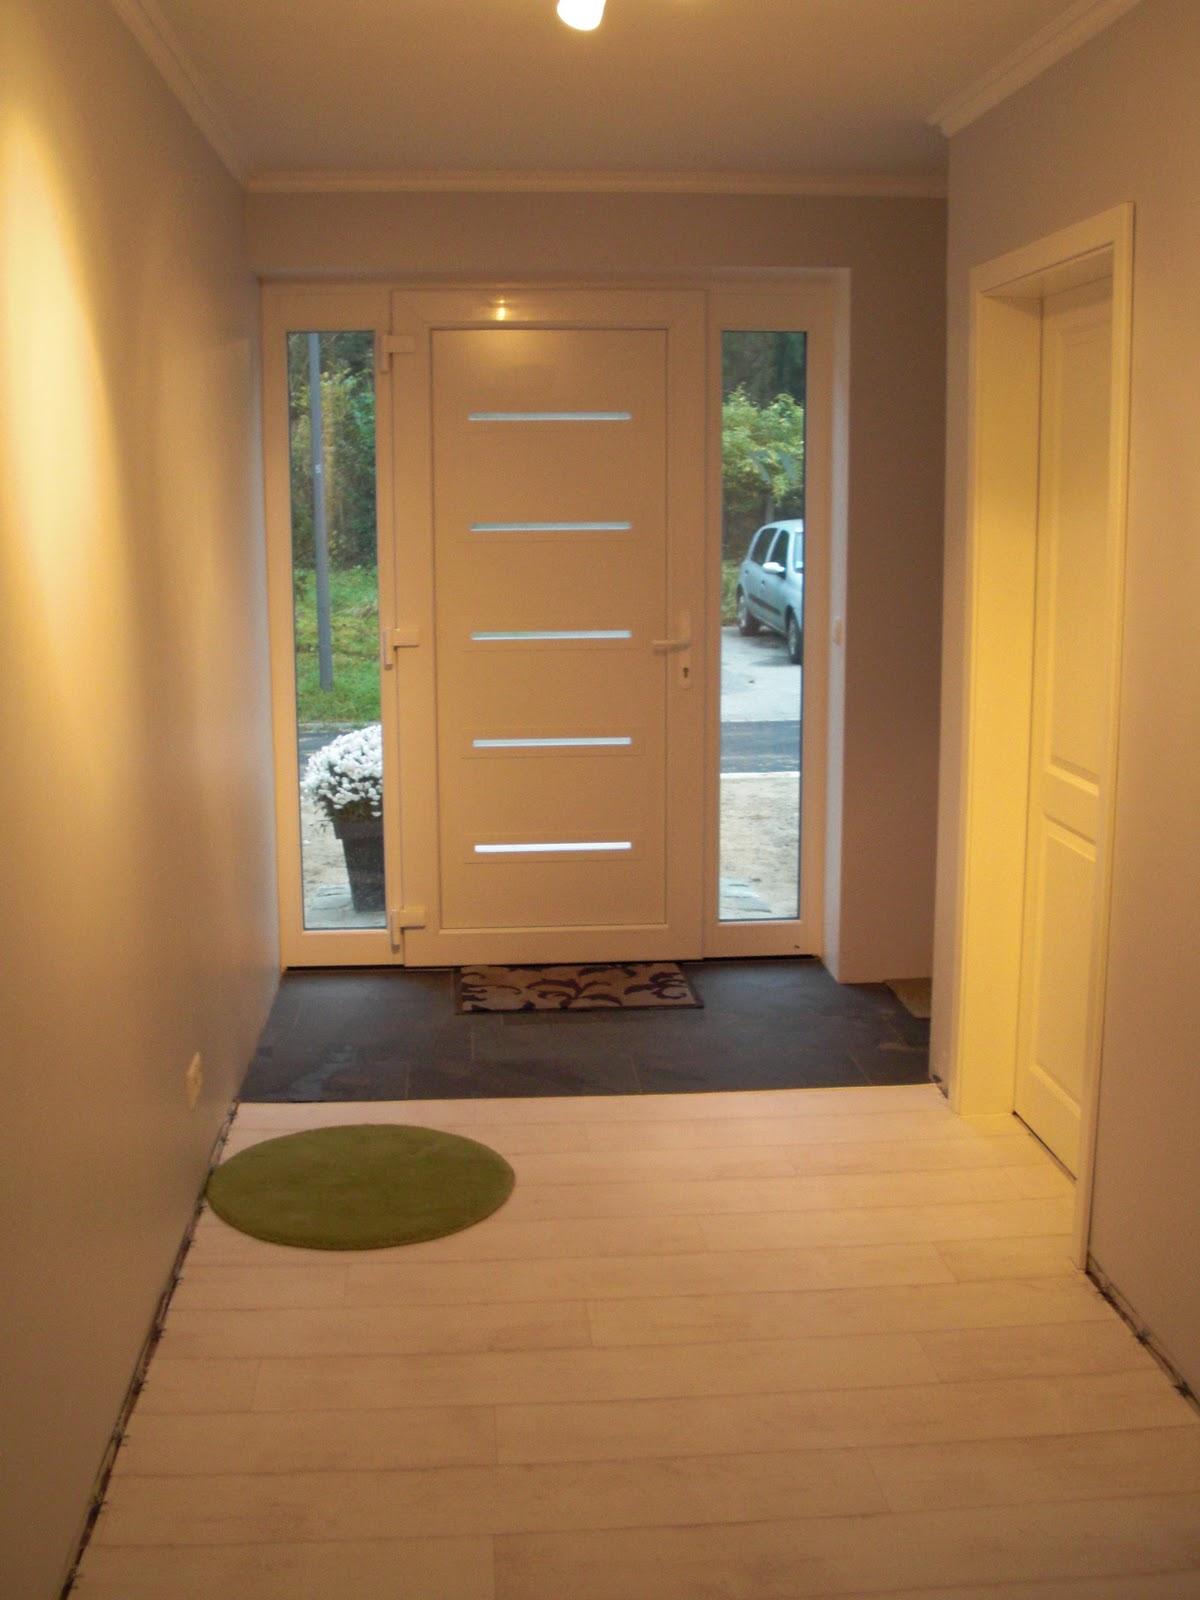 heim elich so sieht es hier gerade aus flur. Black Bedroom Furniture Sets. Home Design Ideas